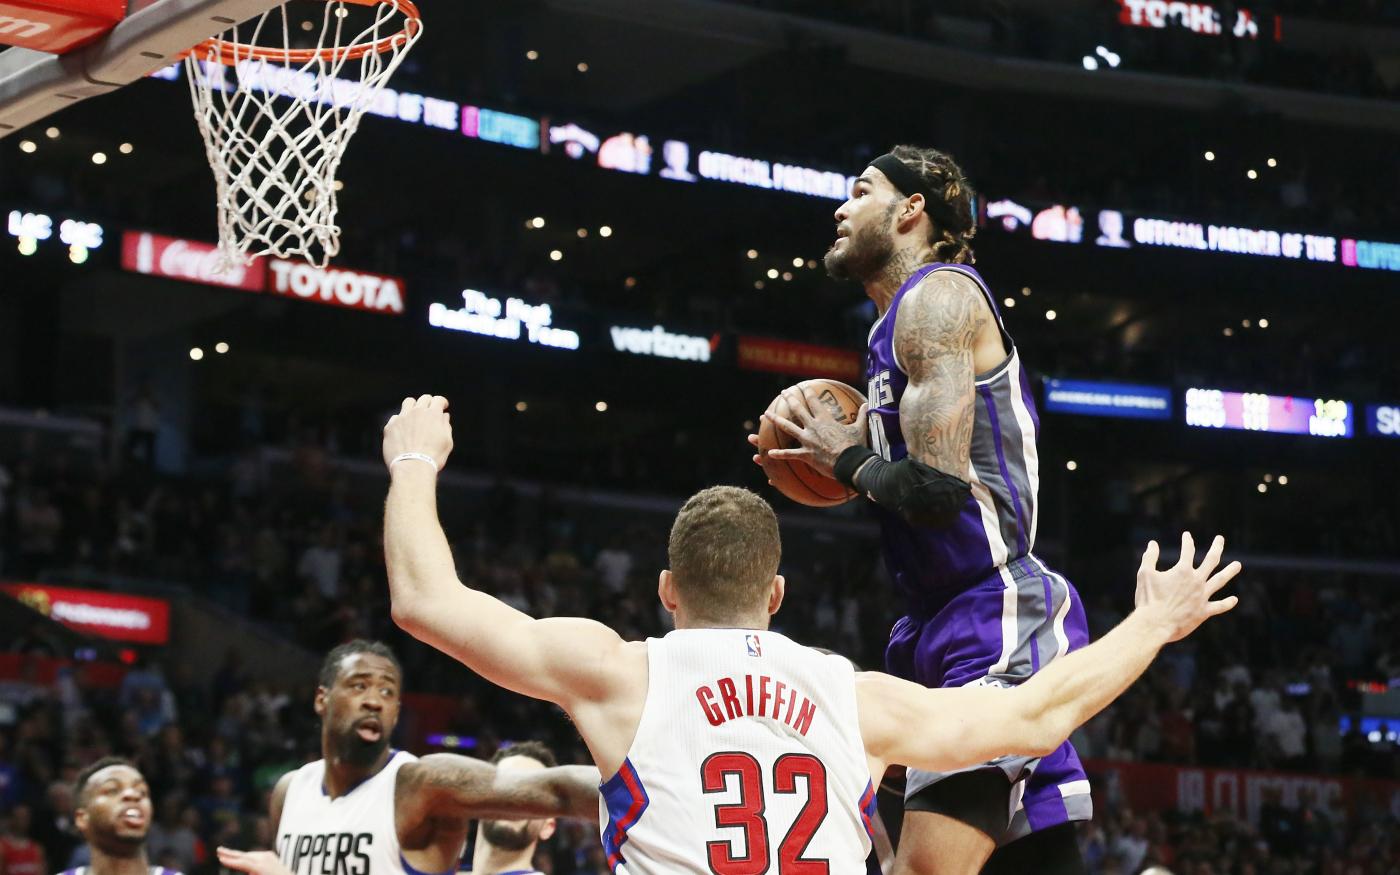 CQFR : Les Clippers honteux, Boston au top !